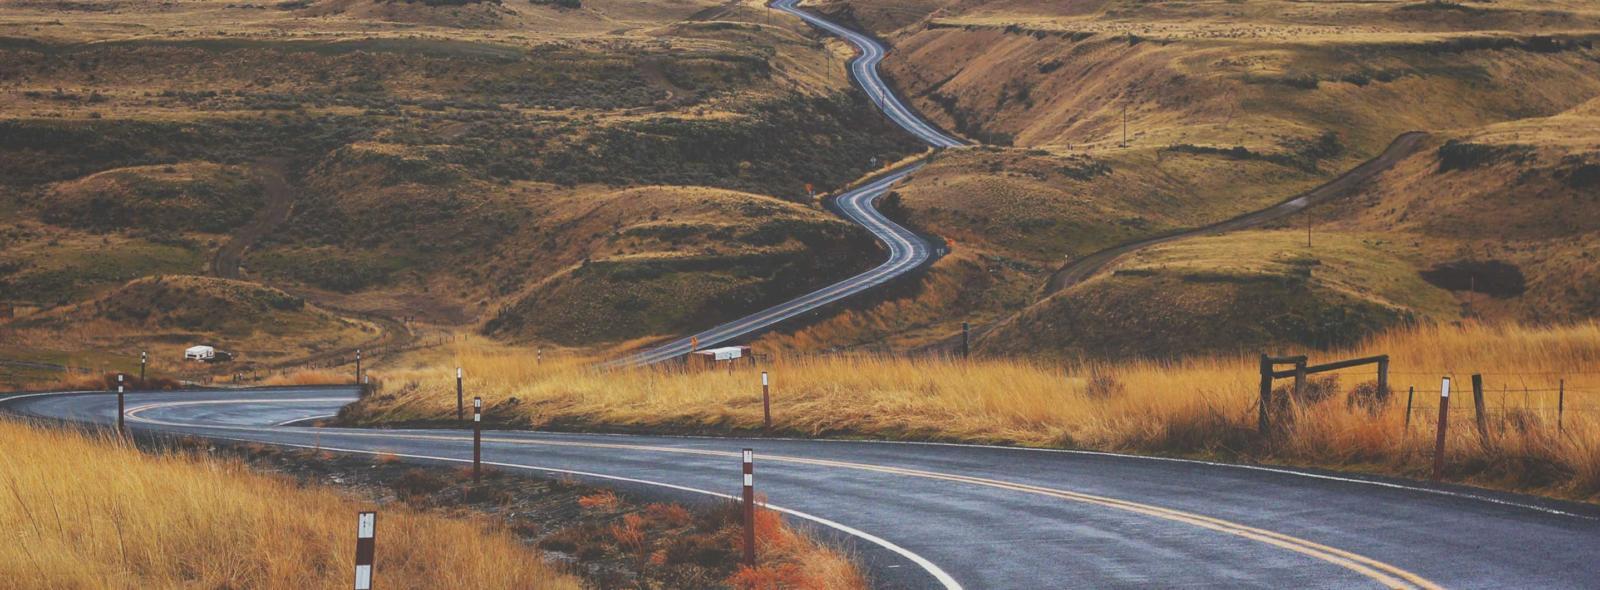 ¿Está siguiendo la soberanía de Dios para su vida?